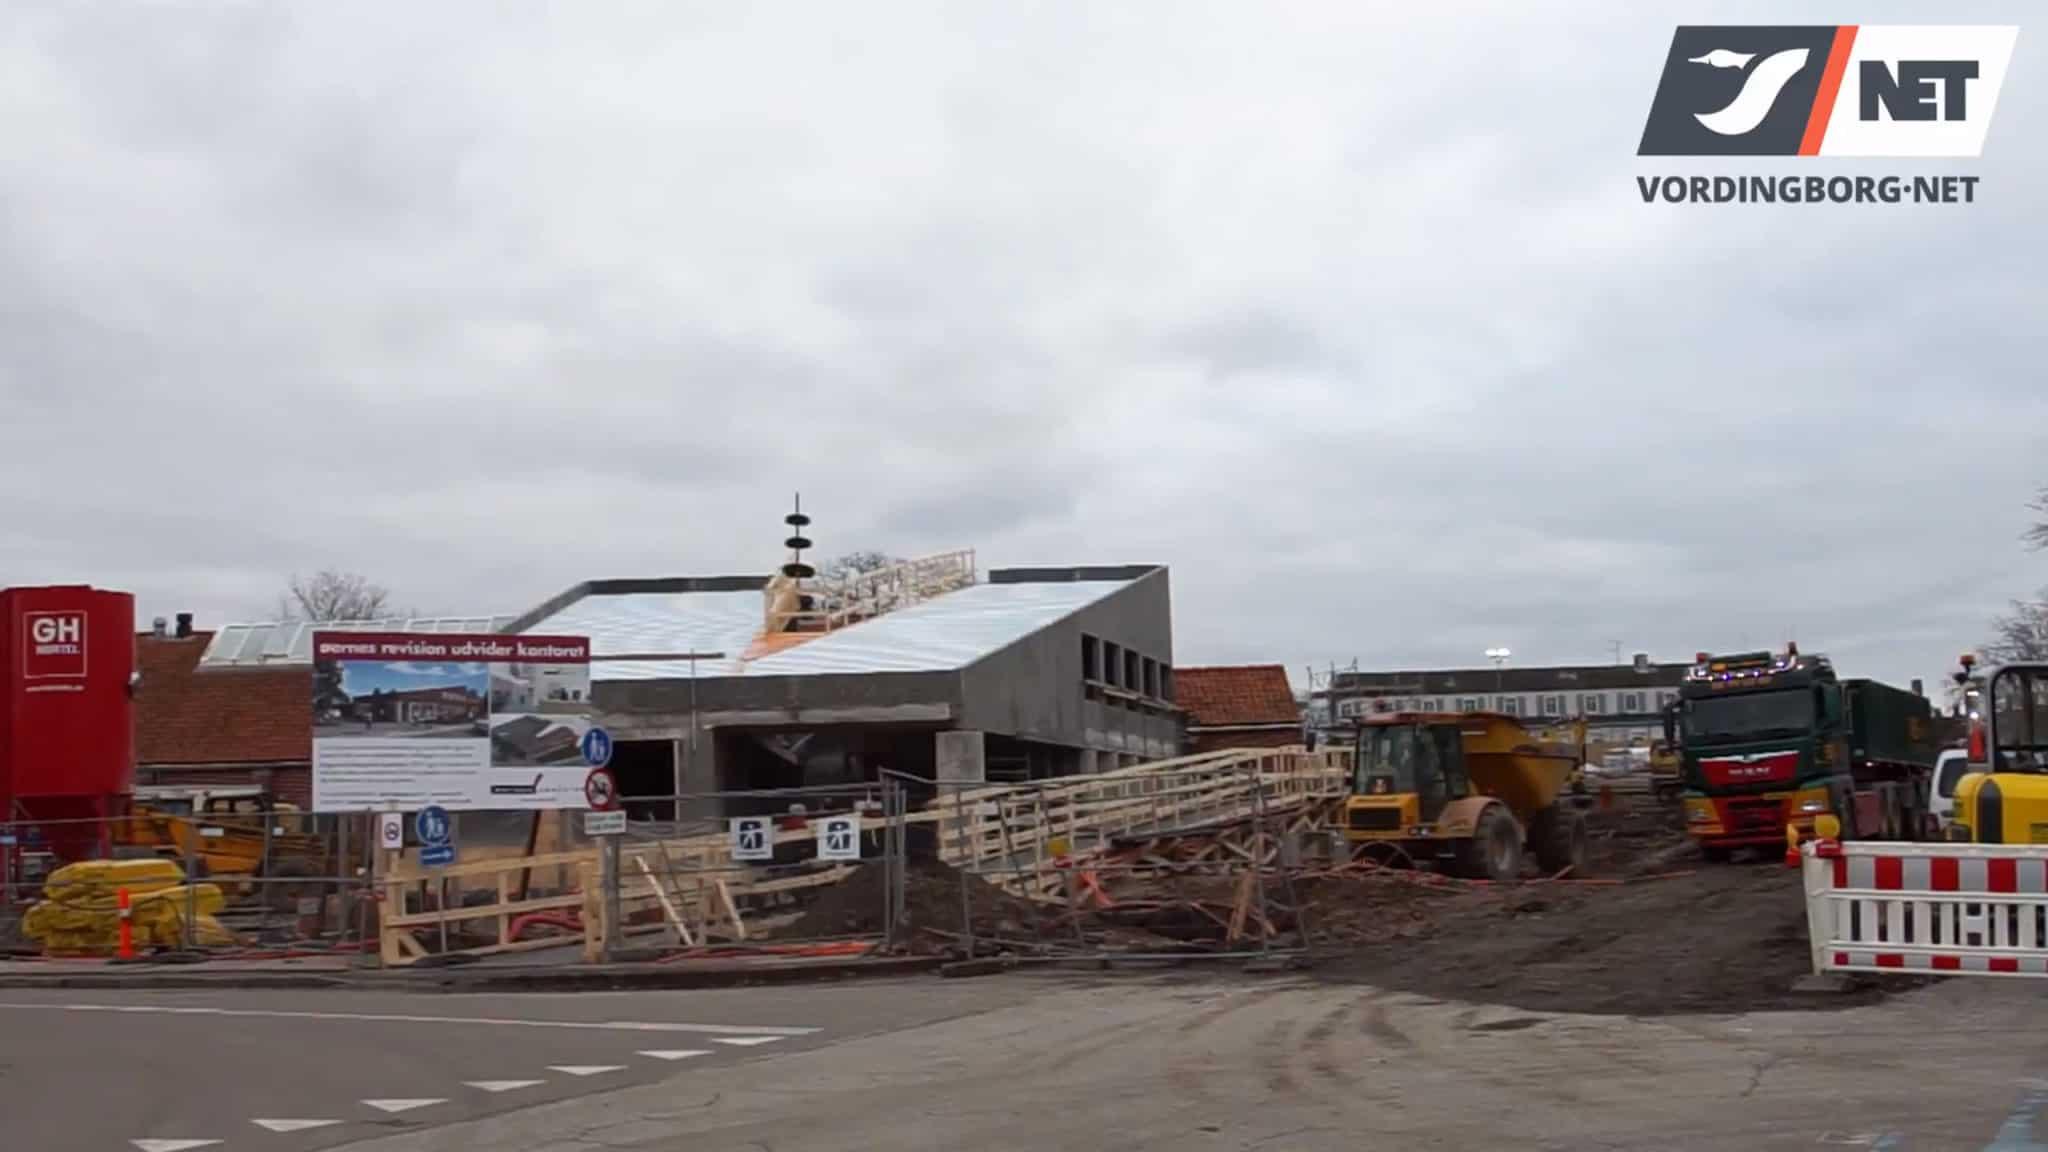 Rejsegilde for udvidelse af en markant bygning i Vordingborg [Video]